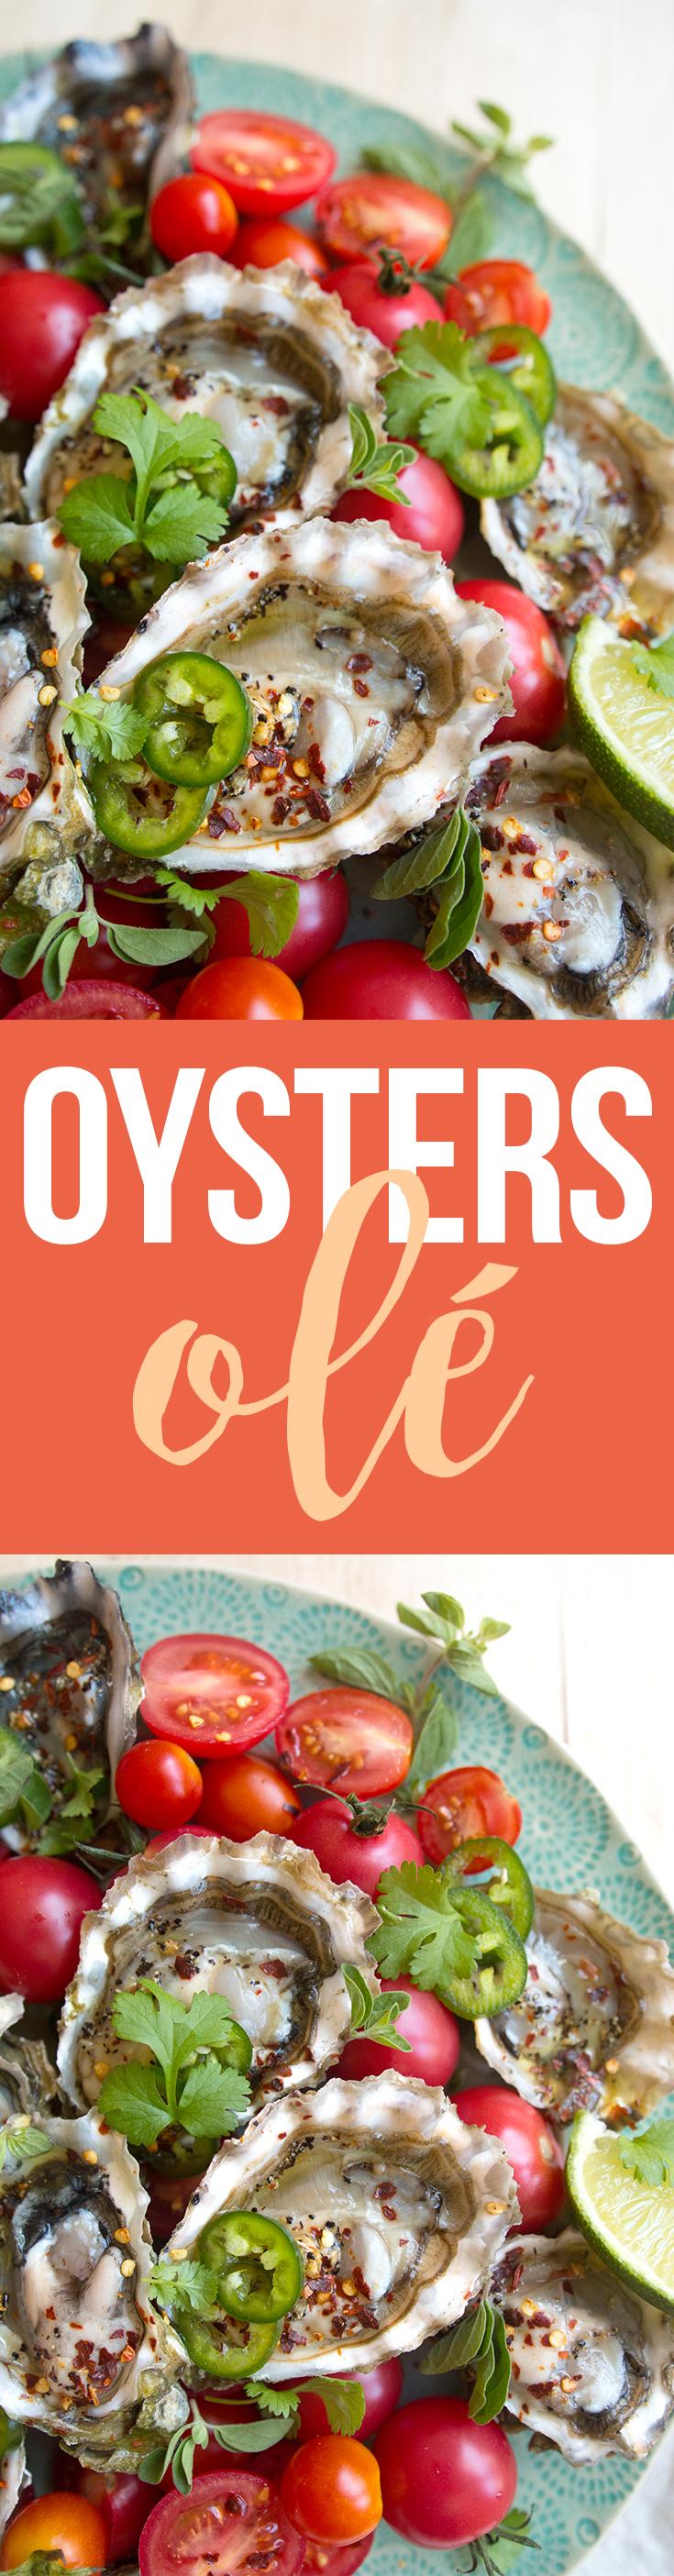 Fresh tasty oysters... yum.